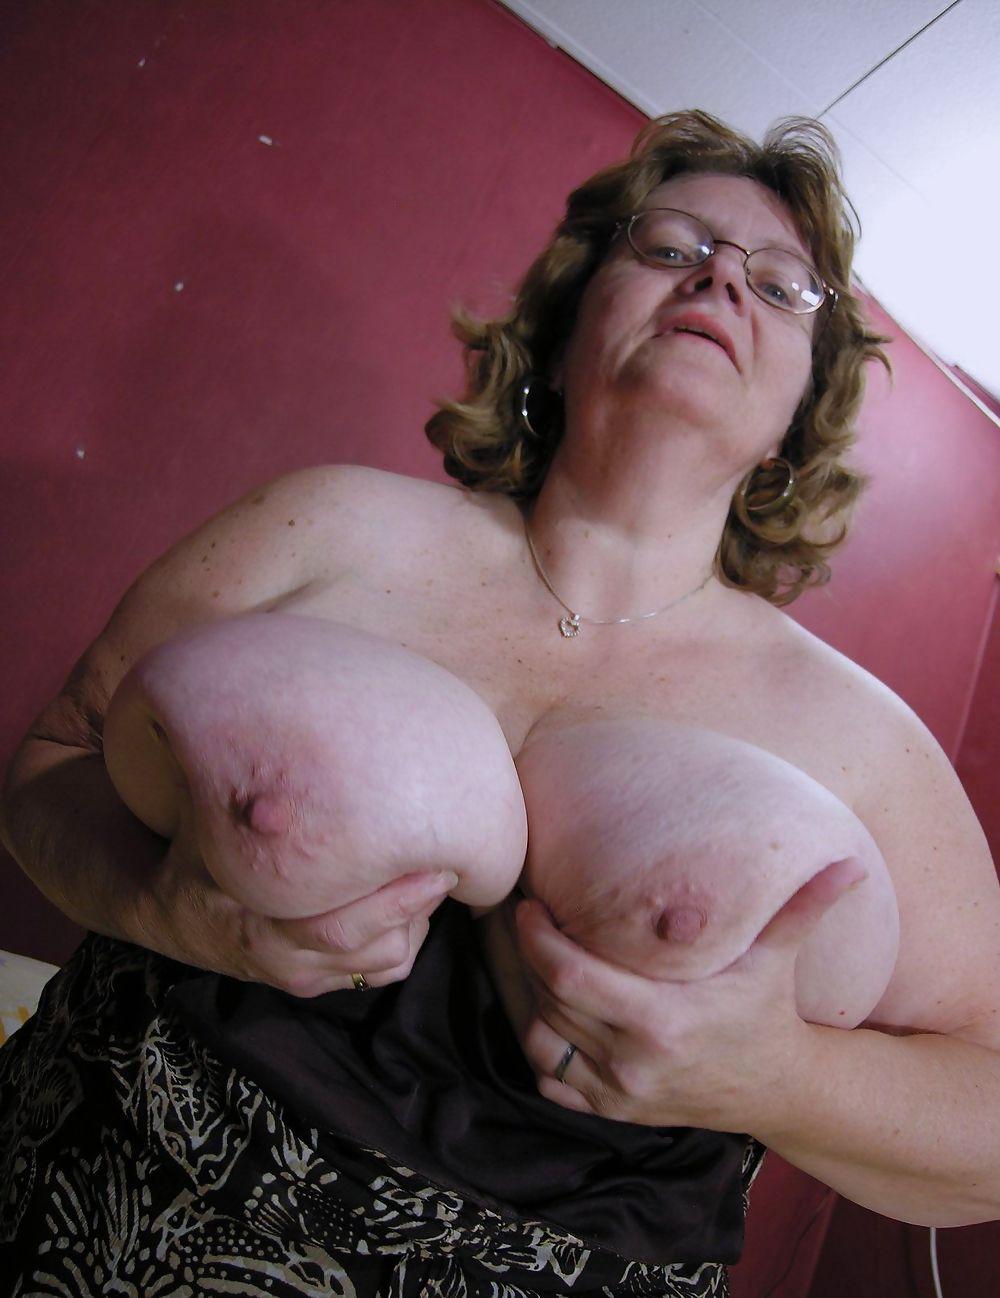 Огромные груди у бабушек порновидео